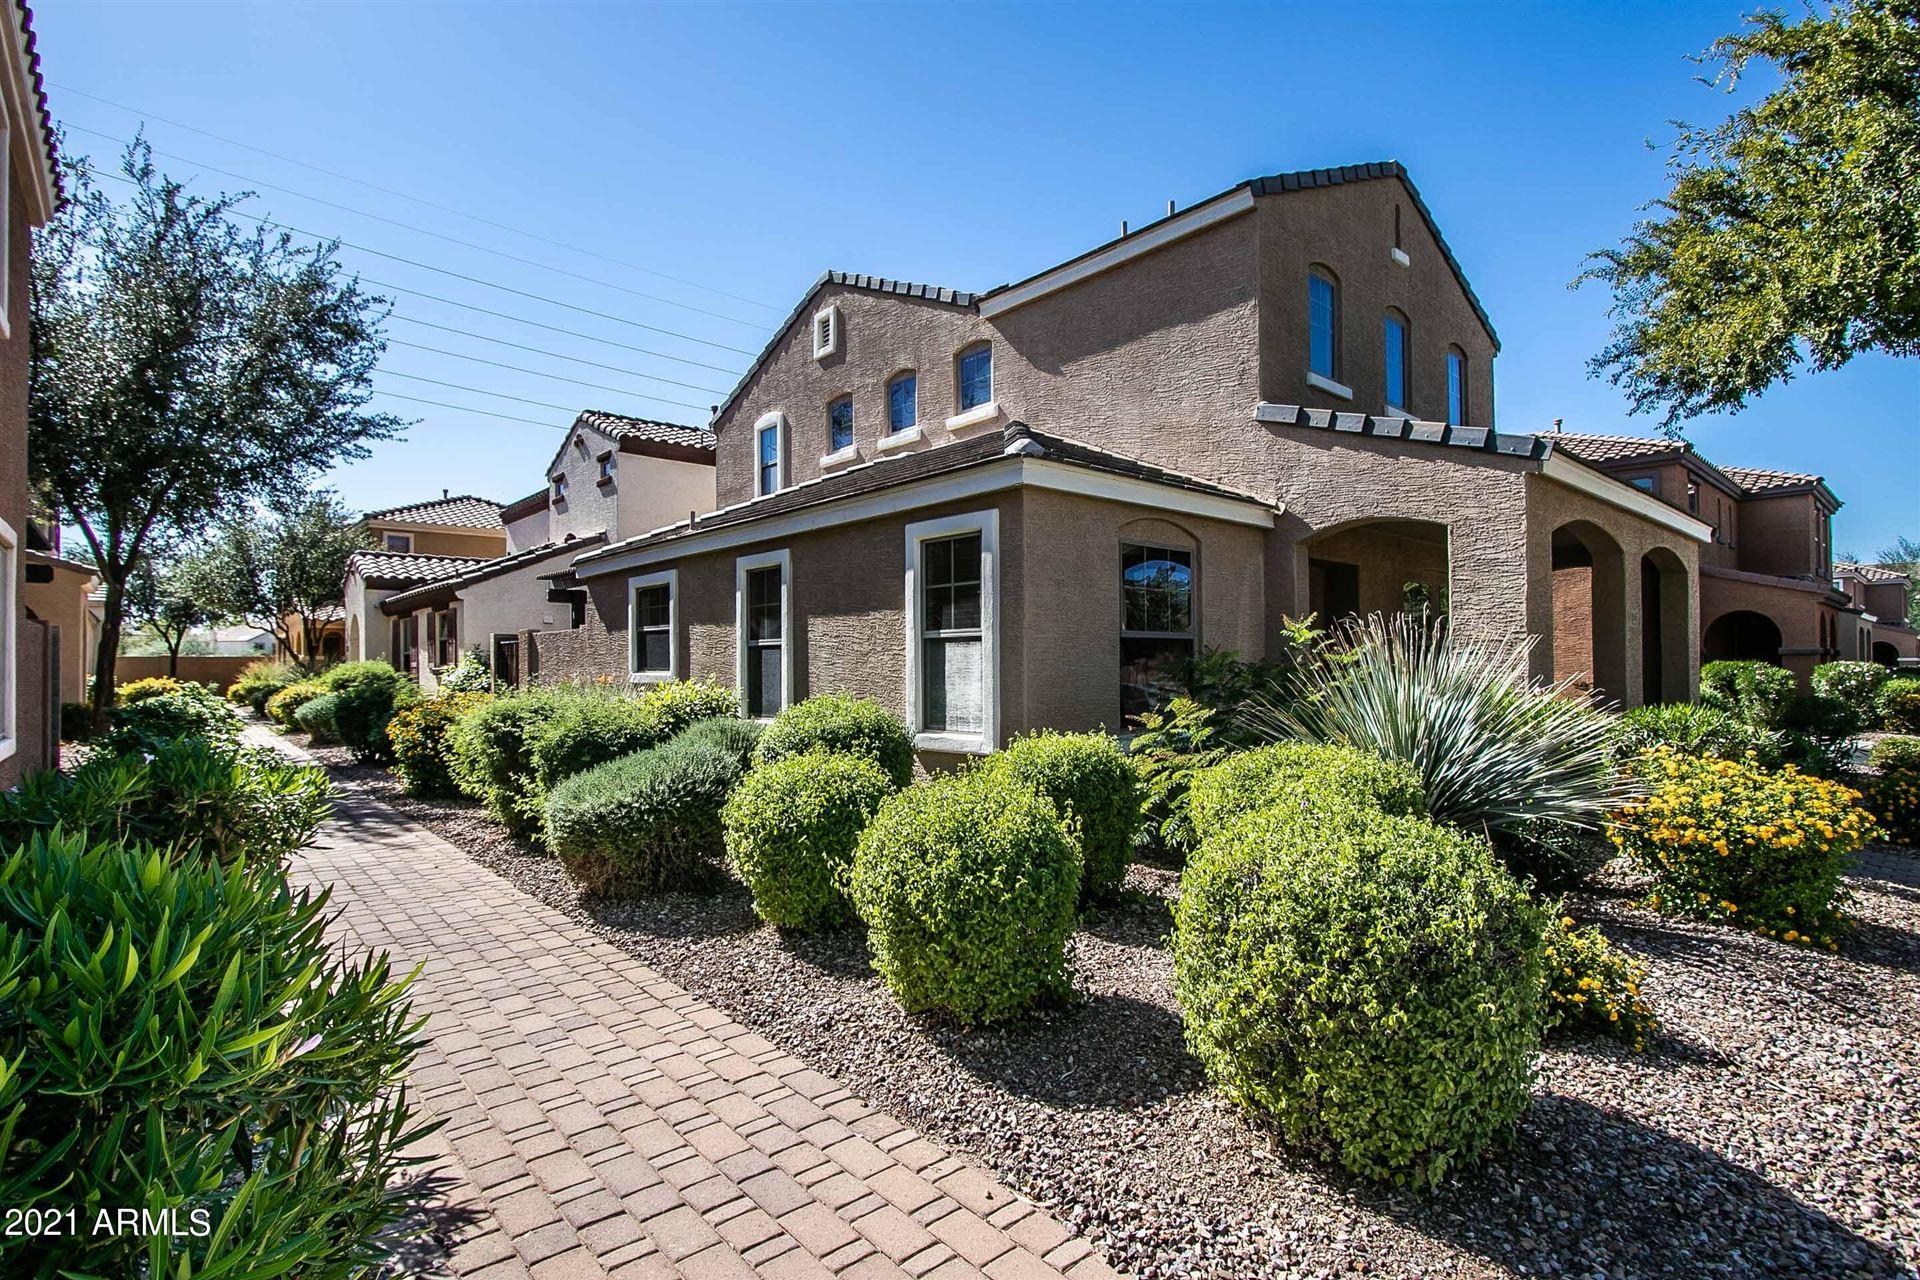 Photo of 2861 E BART Street, Gilbert, AZ 85295 (MLS # 6307855)